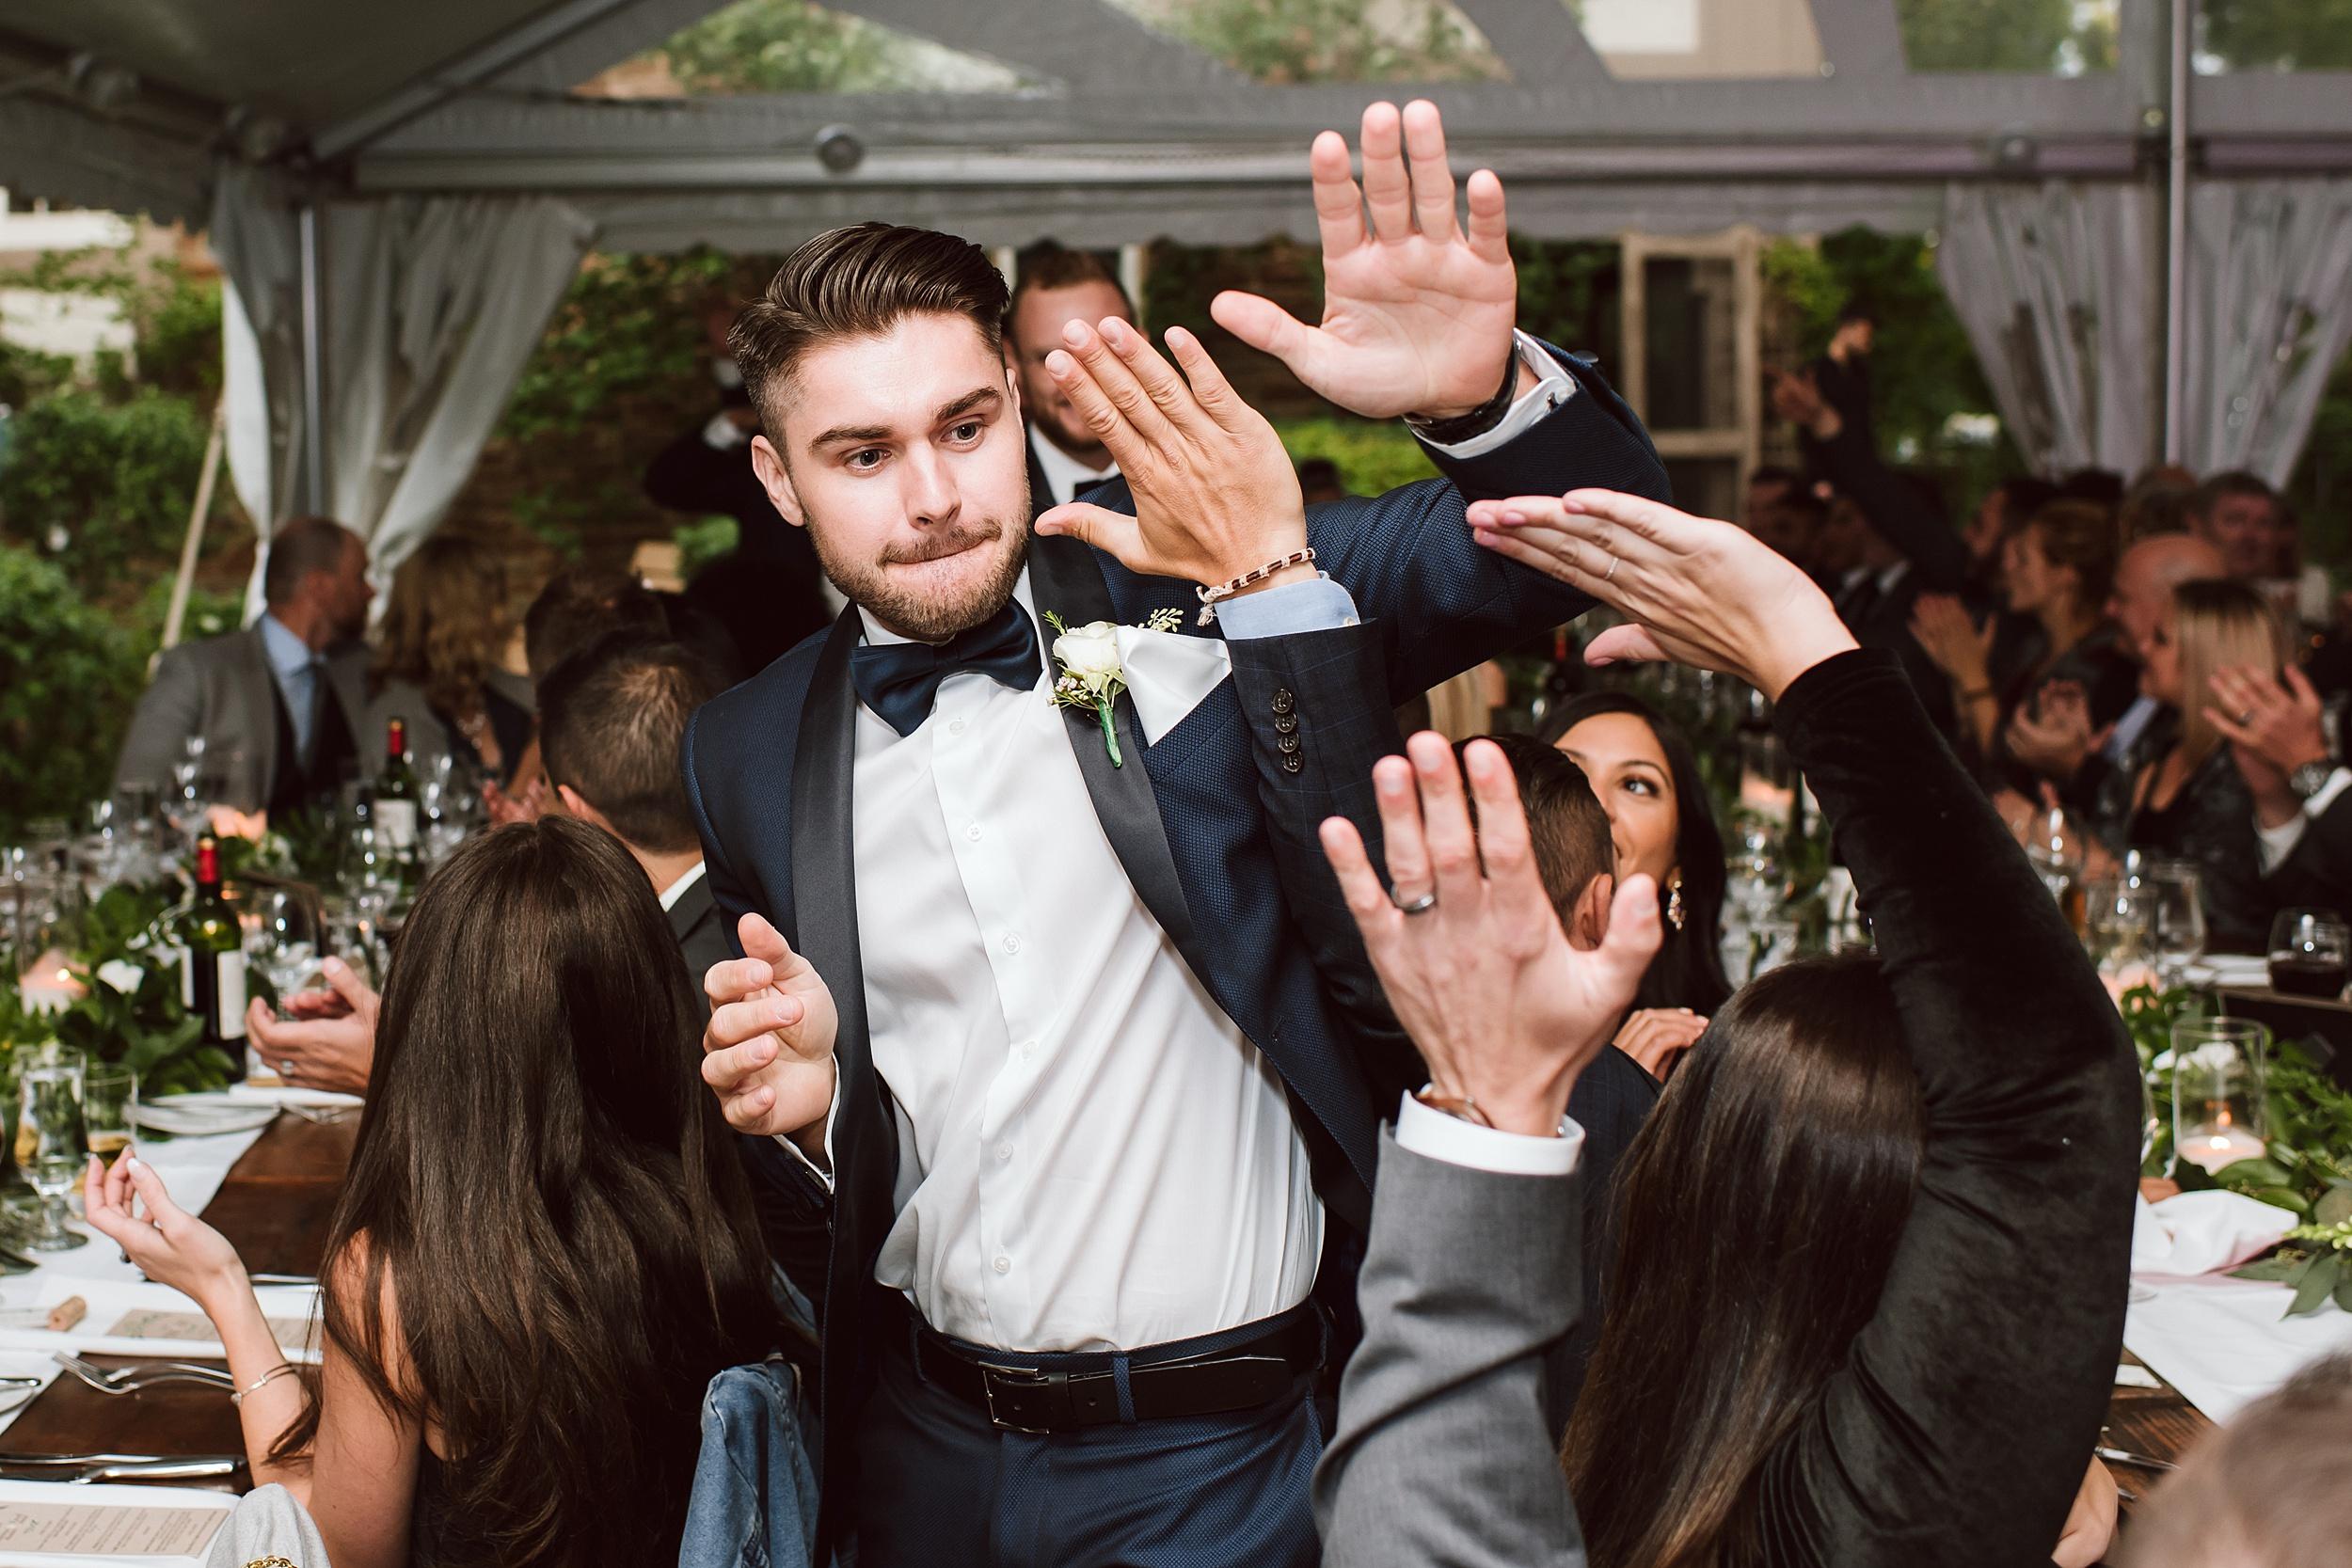 Rustic_Backyard_Wedding_Toronto_Photographer129.jpg